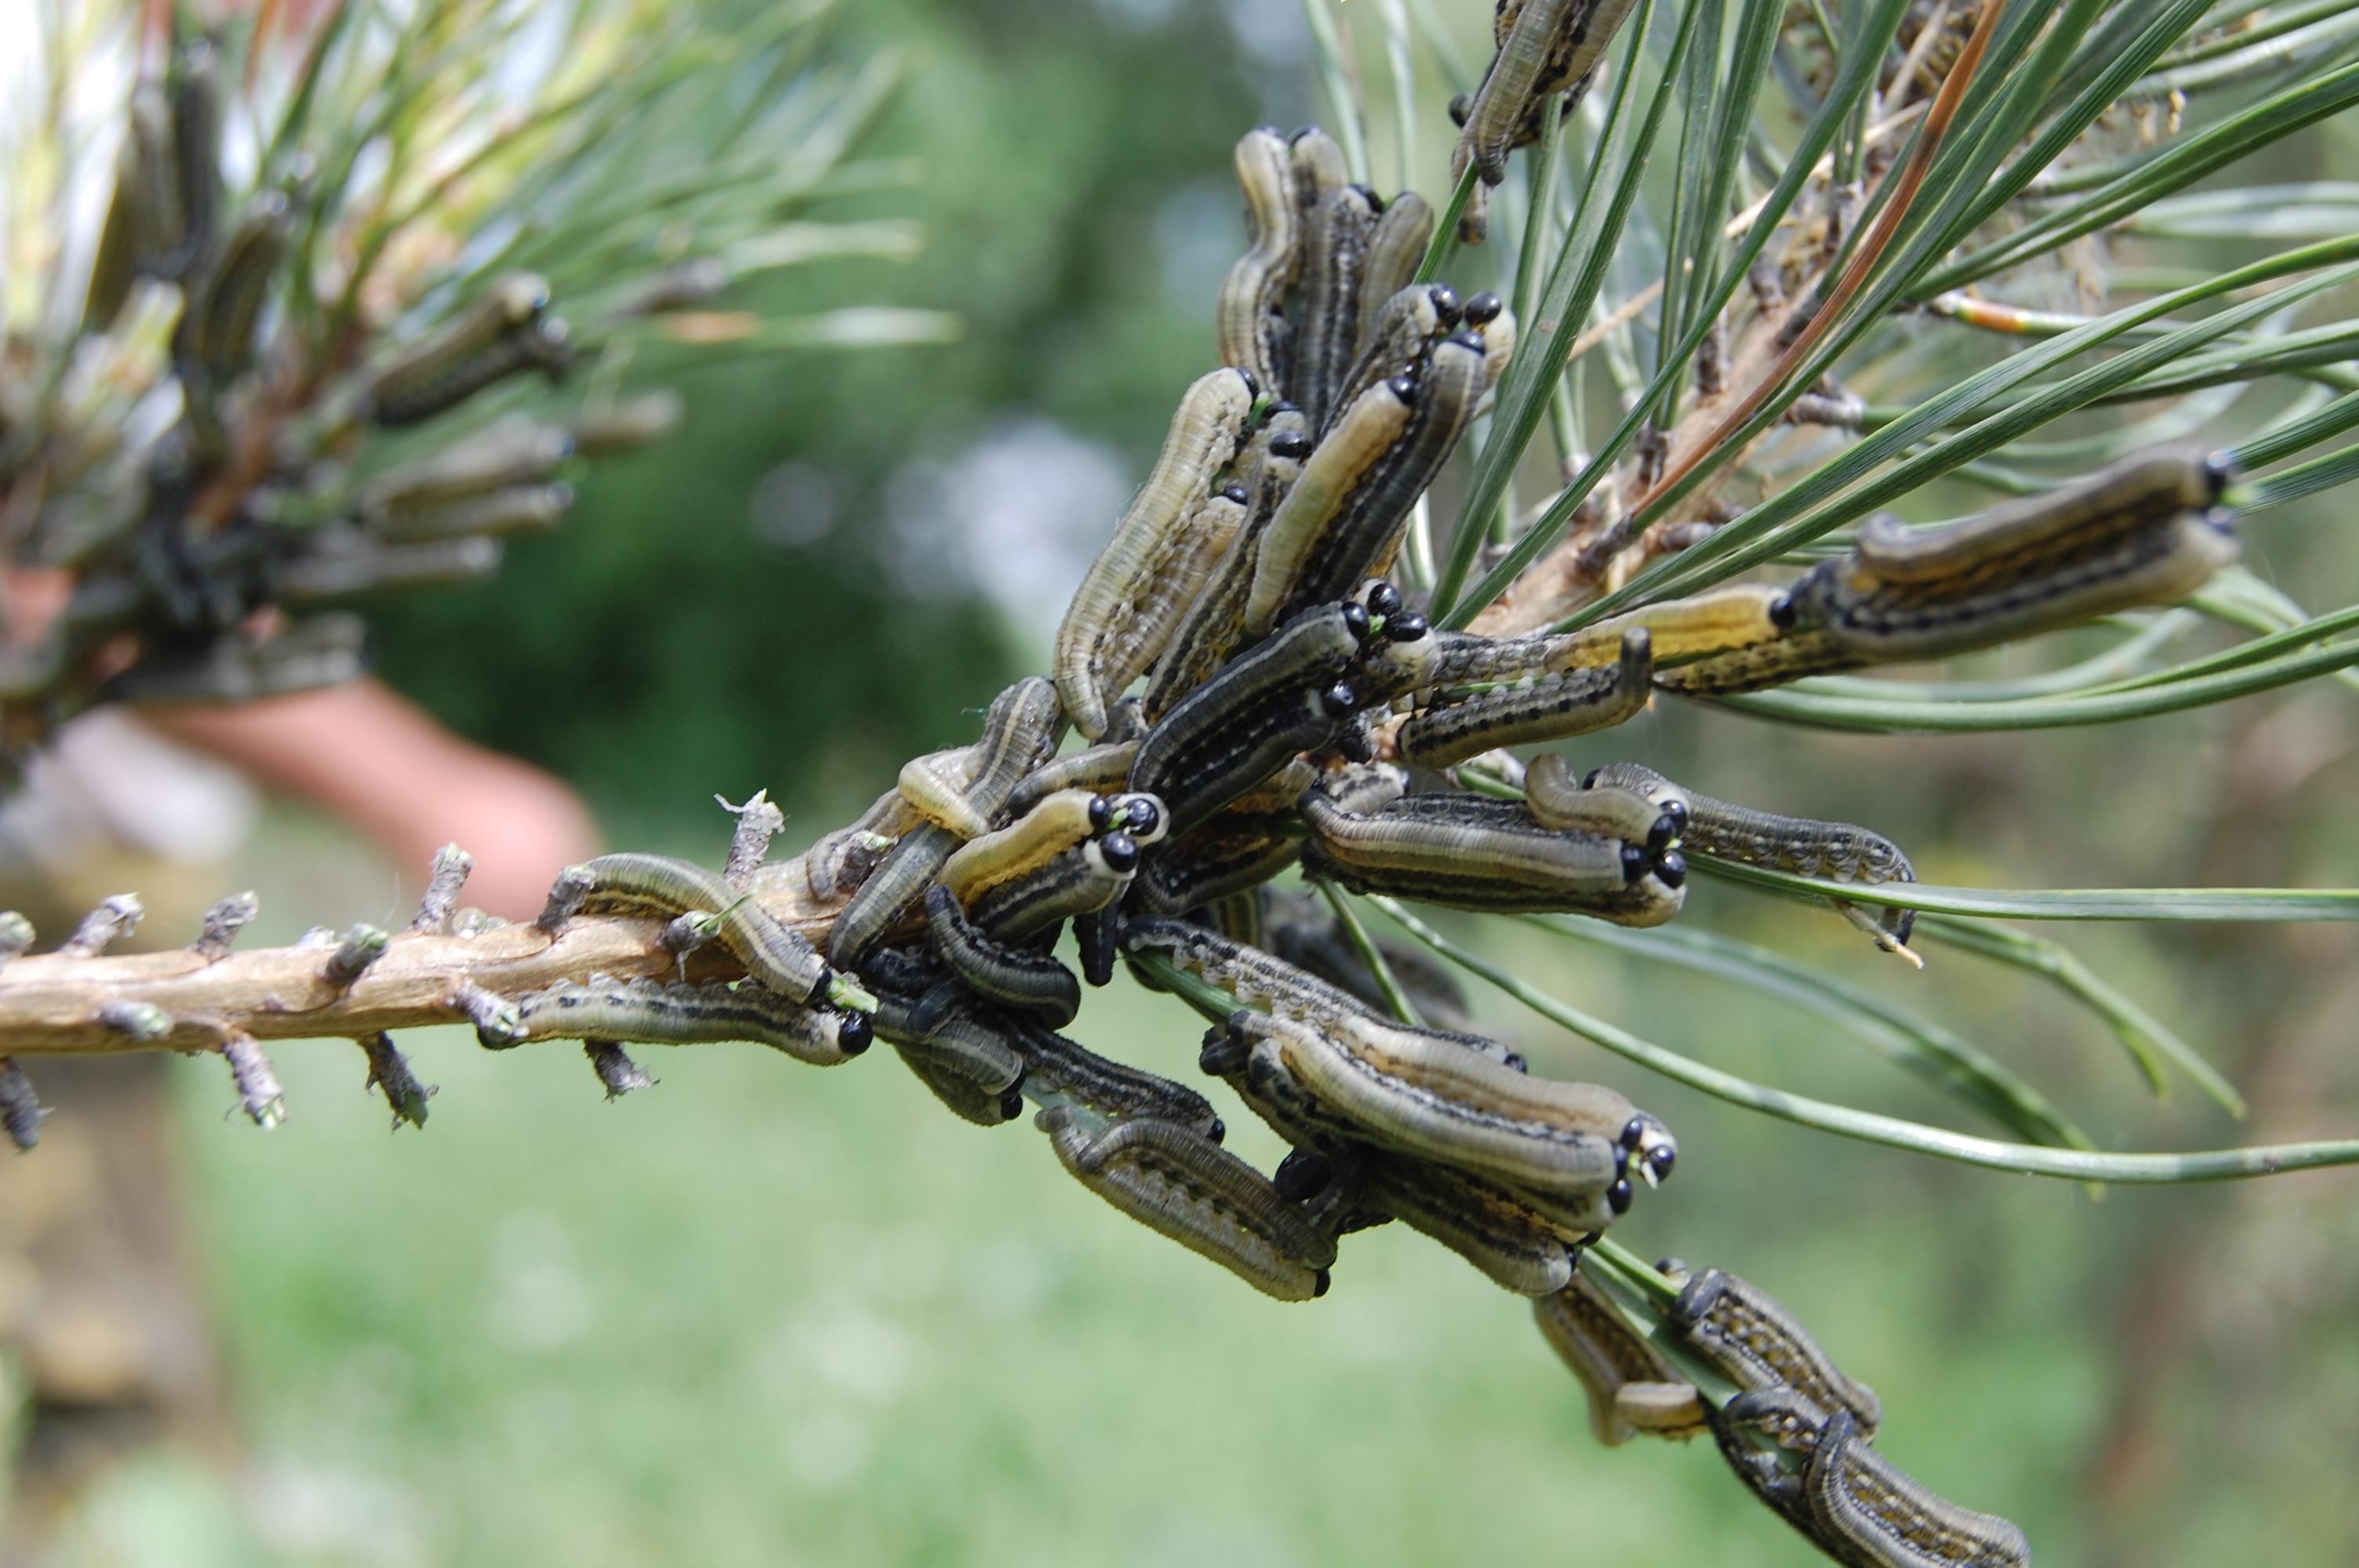 Болезни хвойных деревьев, их лечение препаратами, борьба с вредителями, обработка весной, средства защиты